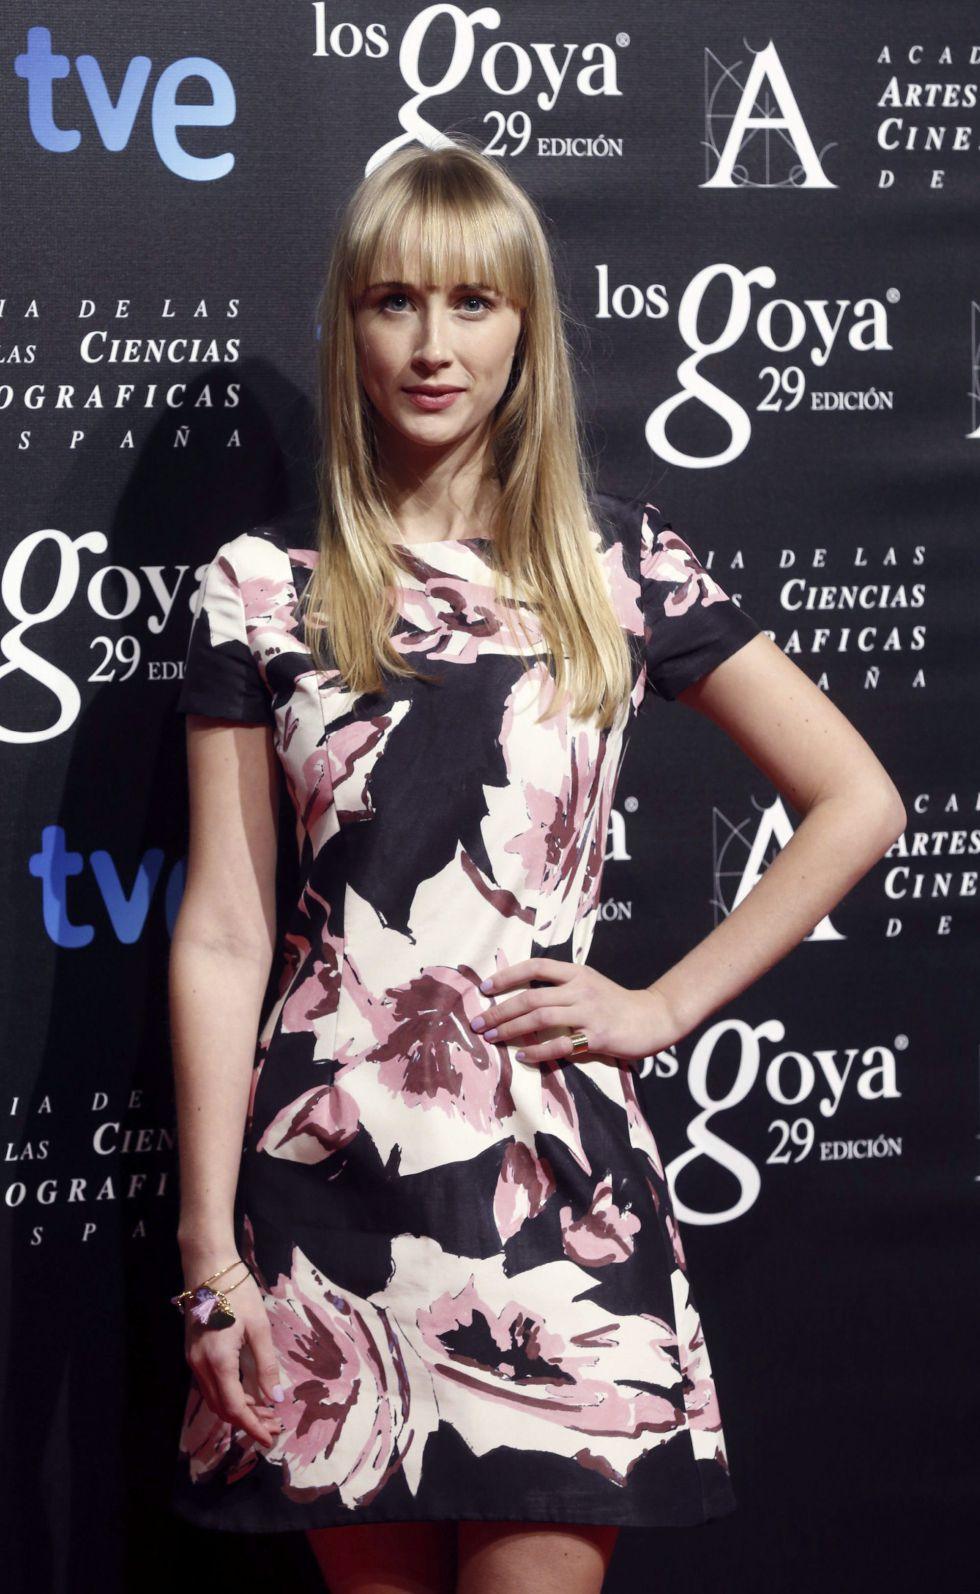 La actriz Ingrid Garcia-Jonsson nominada a Mejor actriz revelación por 'Hermosa juventud'